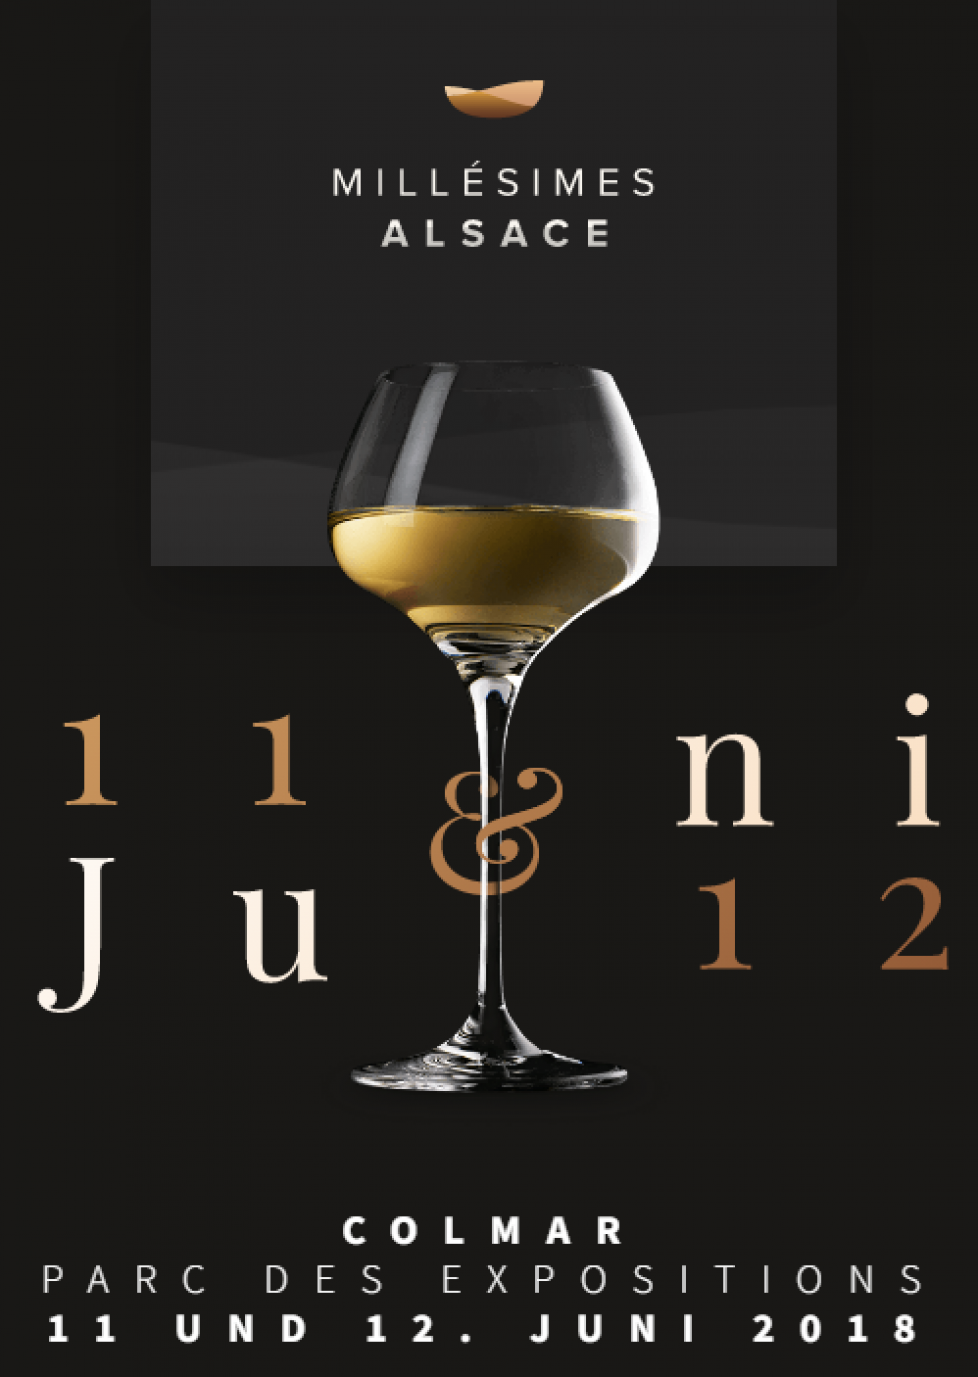 Millesimes Alsace